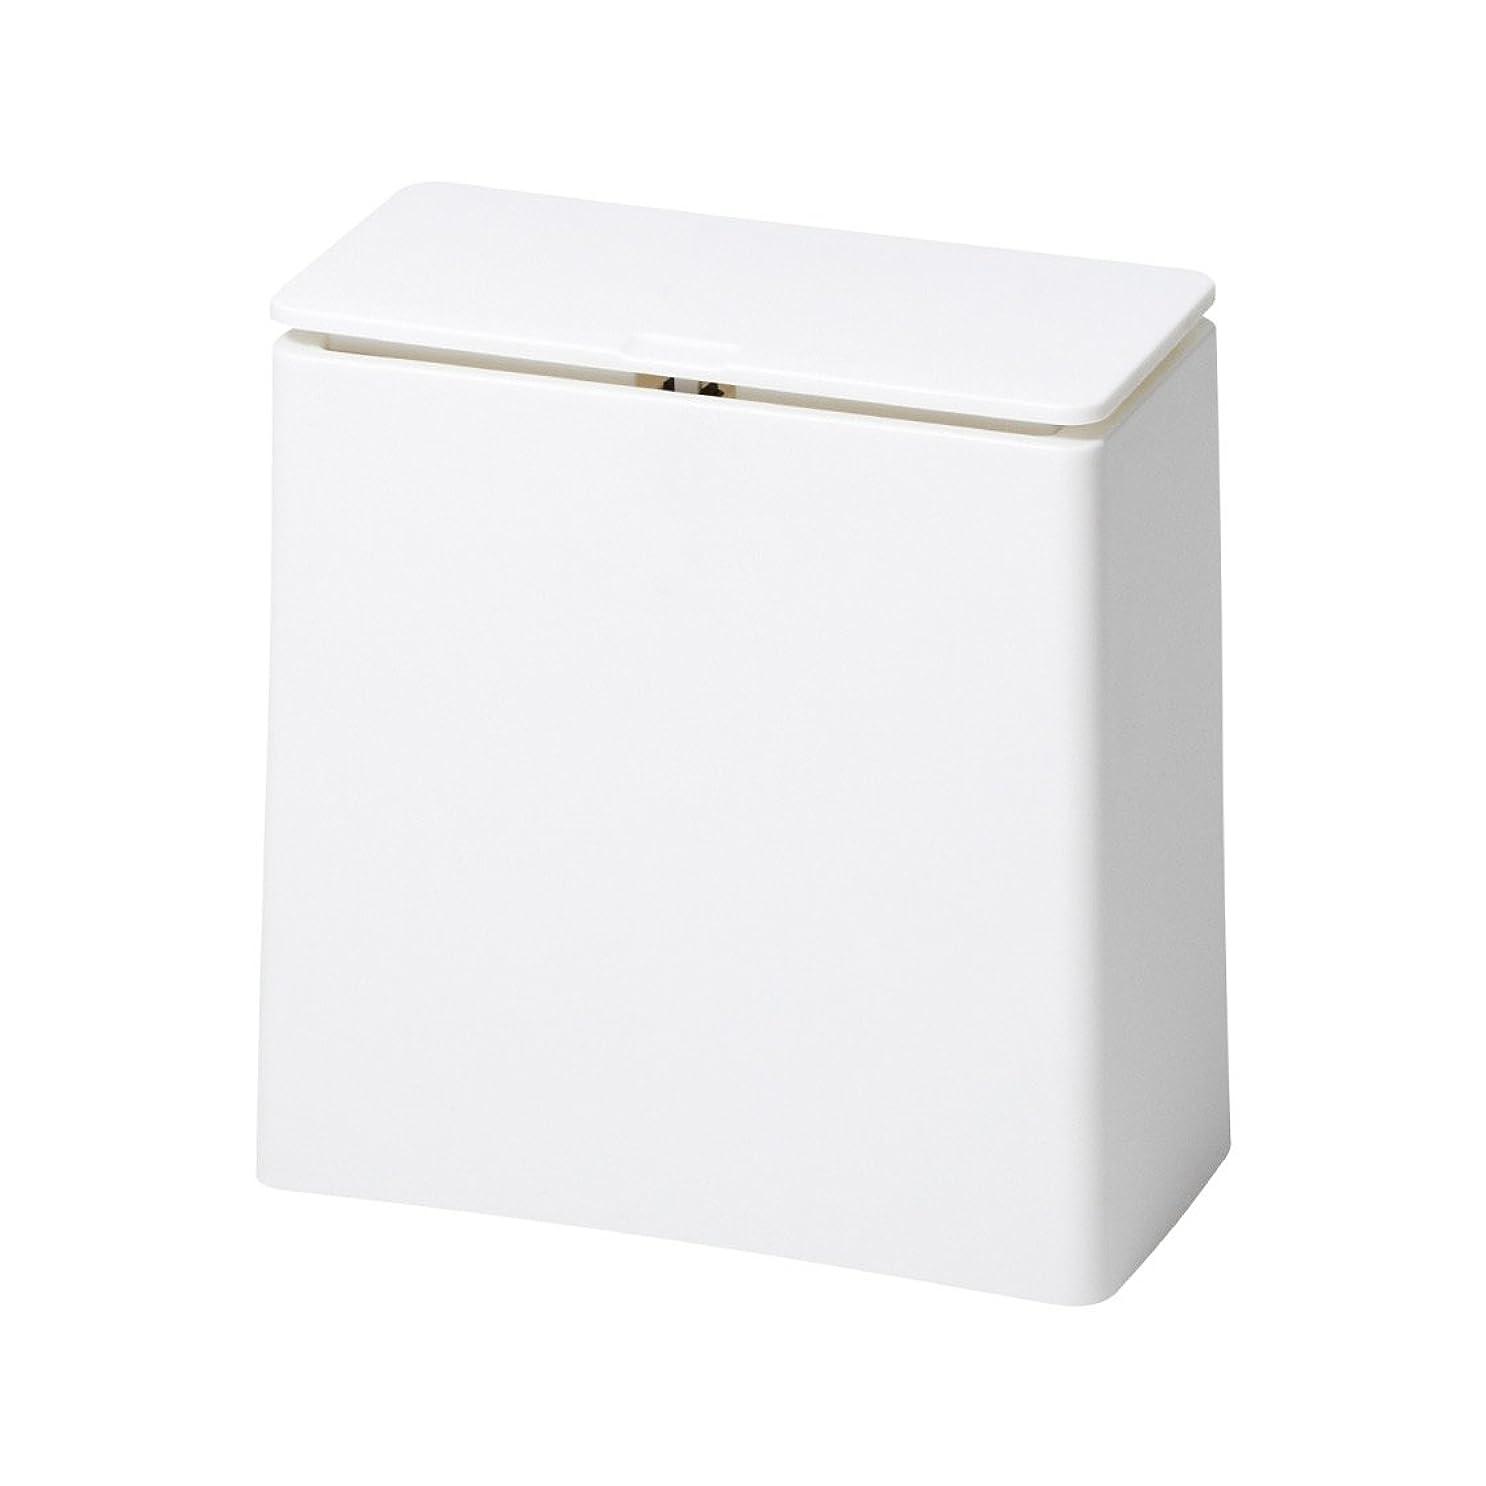 キリンイル滞在イデアコ フタ付ゴミ箱 チューブラー ミニ フラップ ホワイト 1.4L